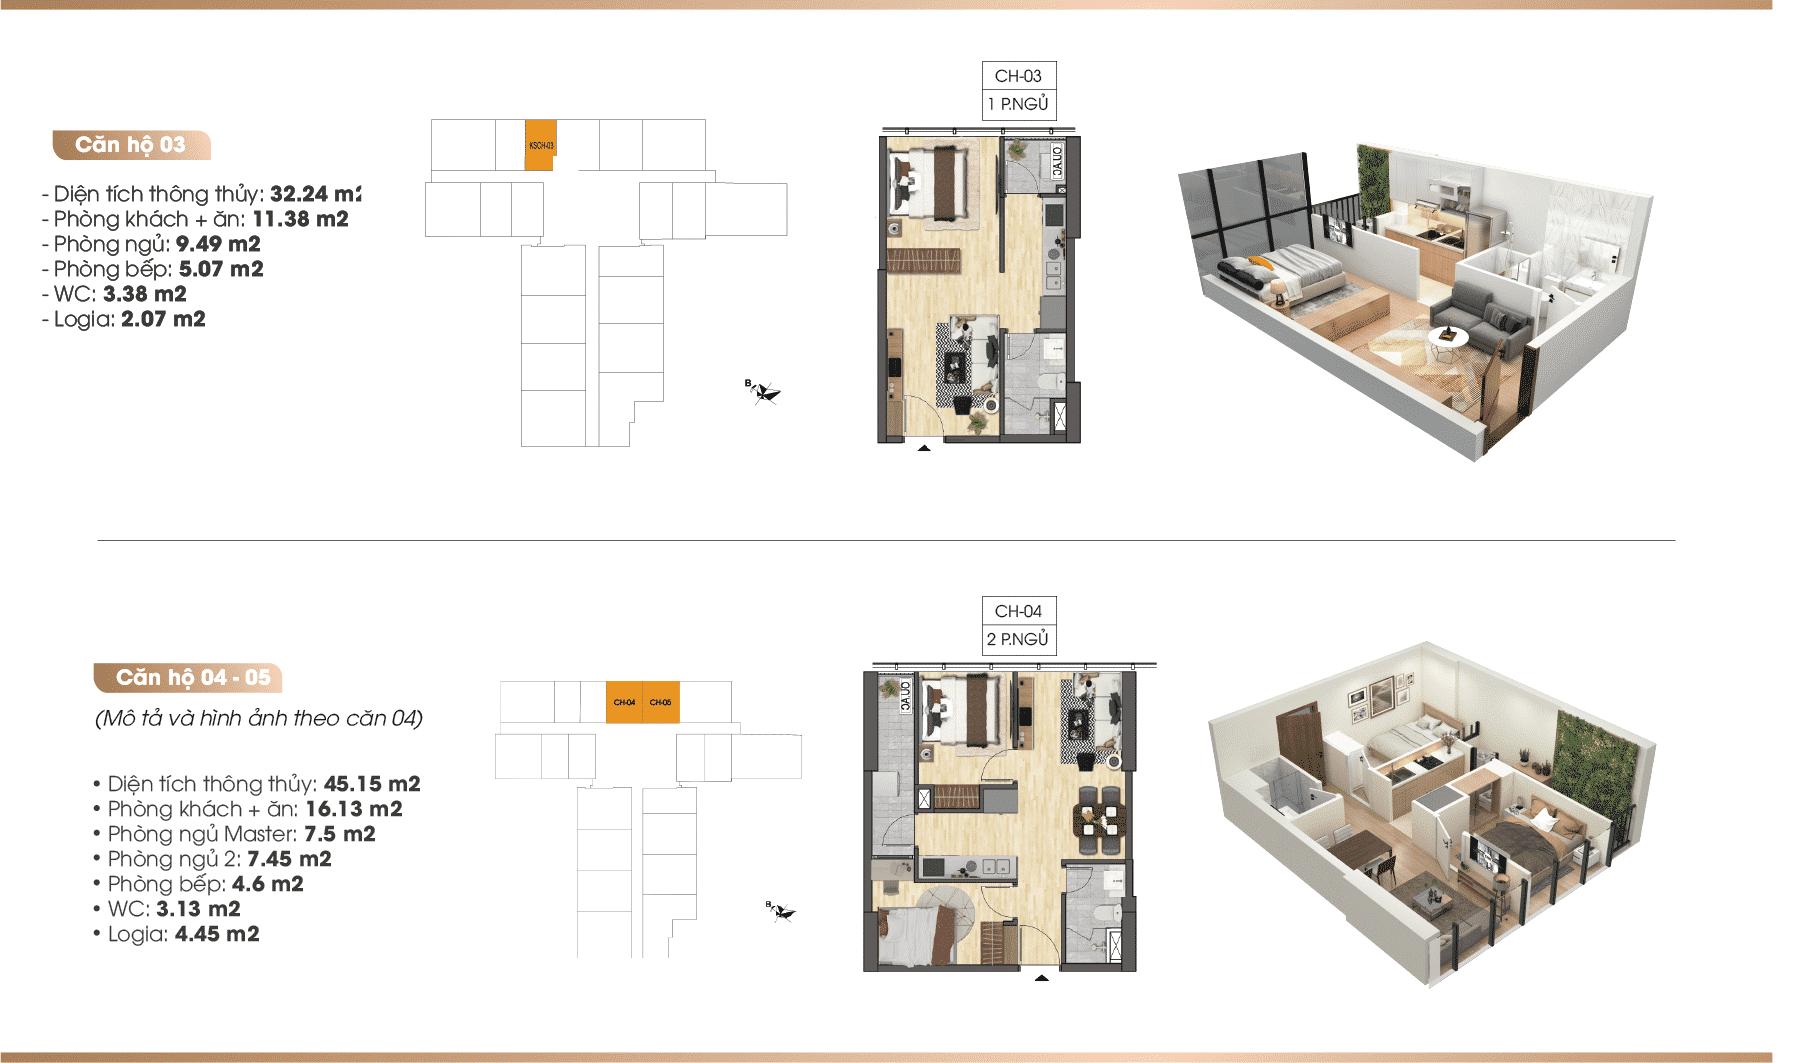 Chi tiết căn hộ Dự án TNR 90 Đường Láng 03-04-05